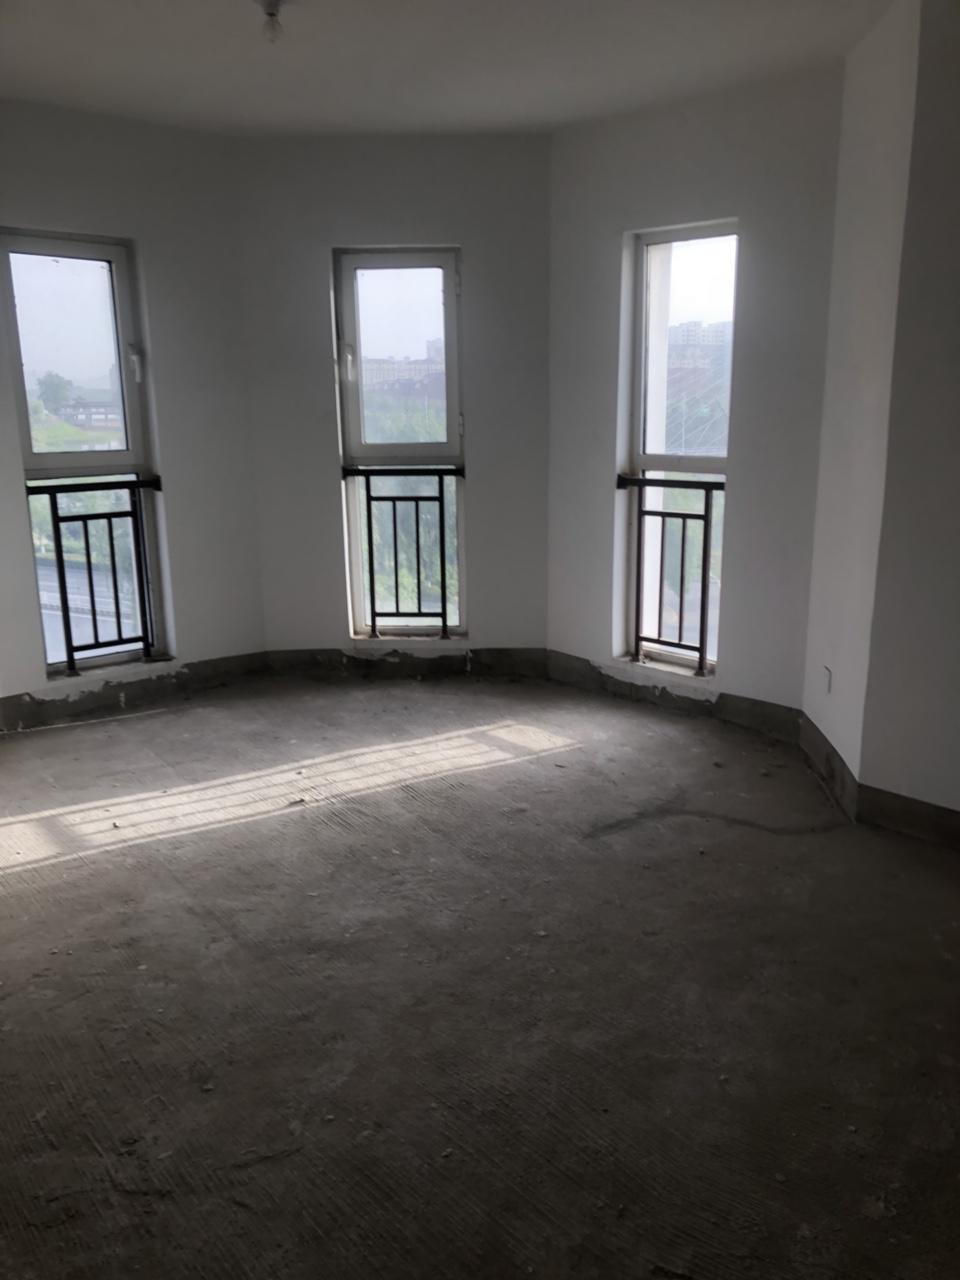 花雨馨4室 2厅 1卫119万元